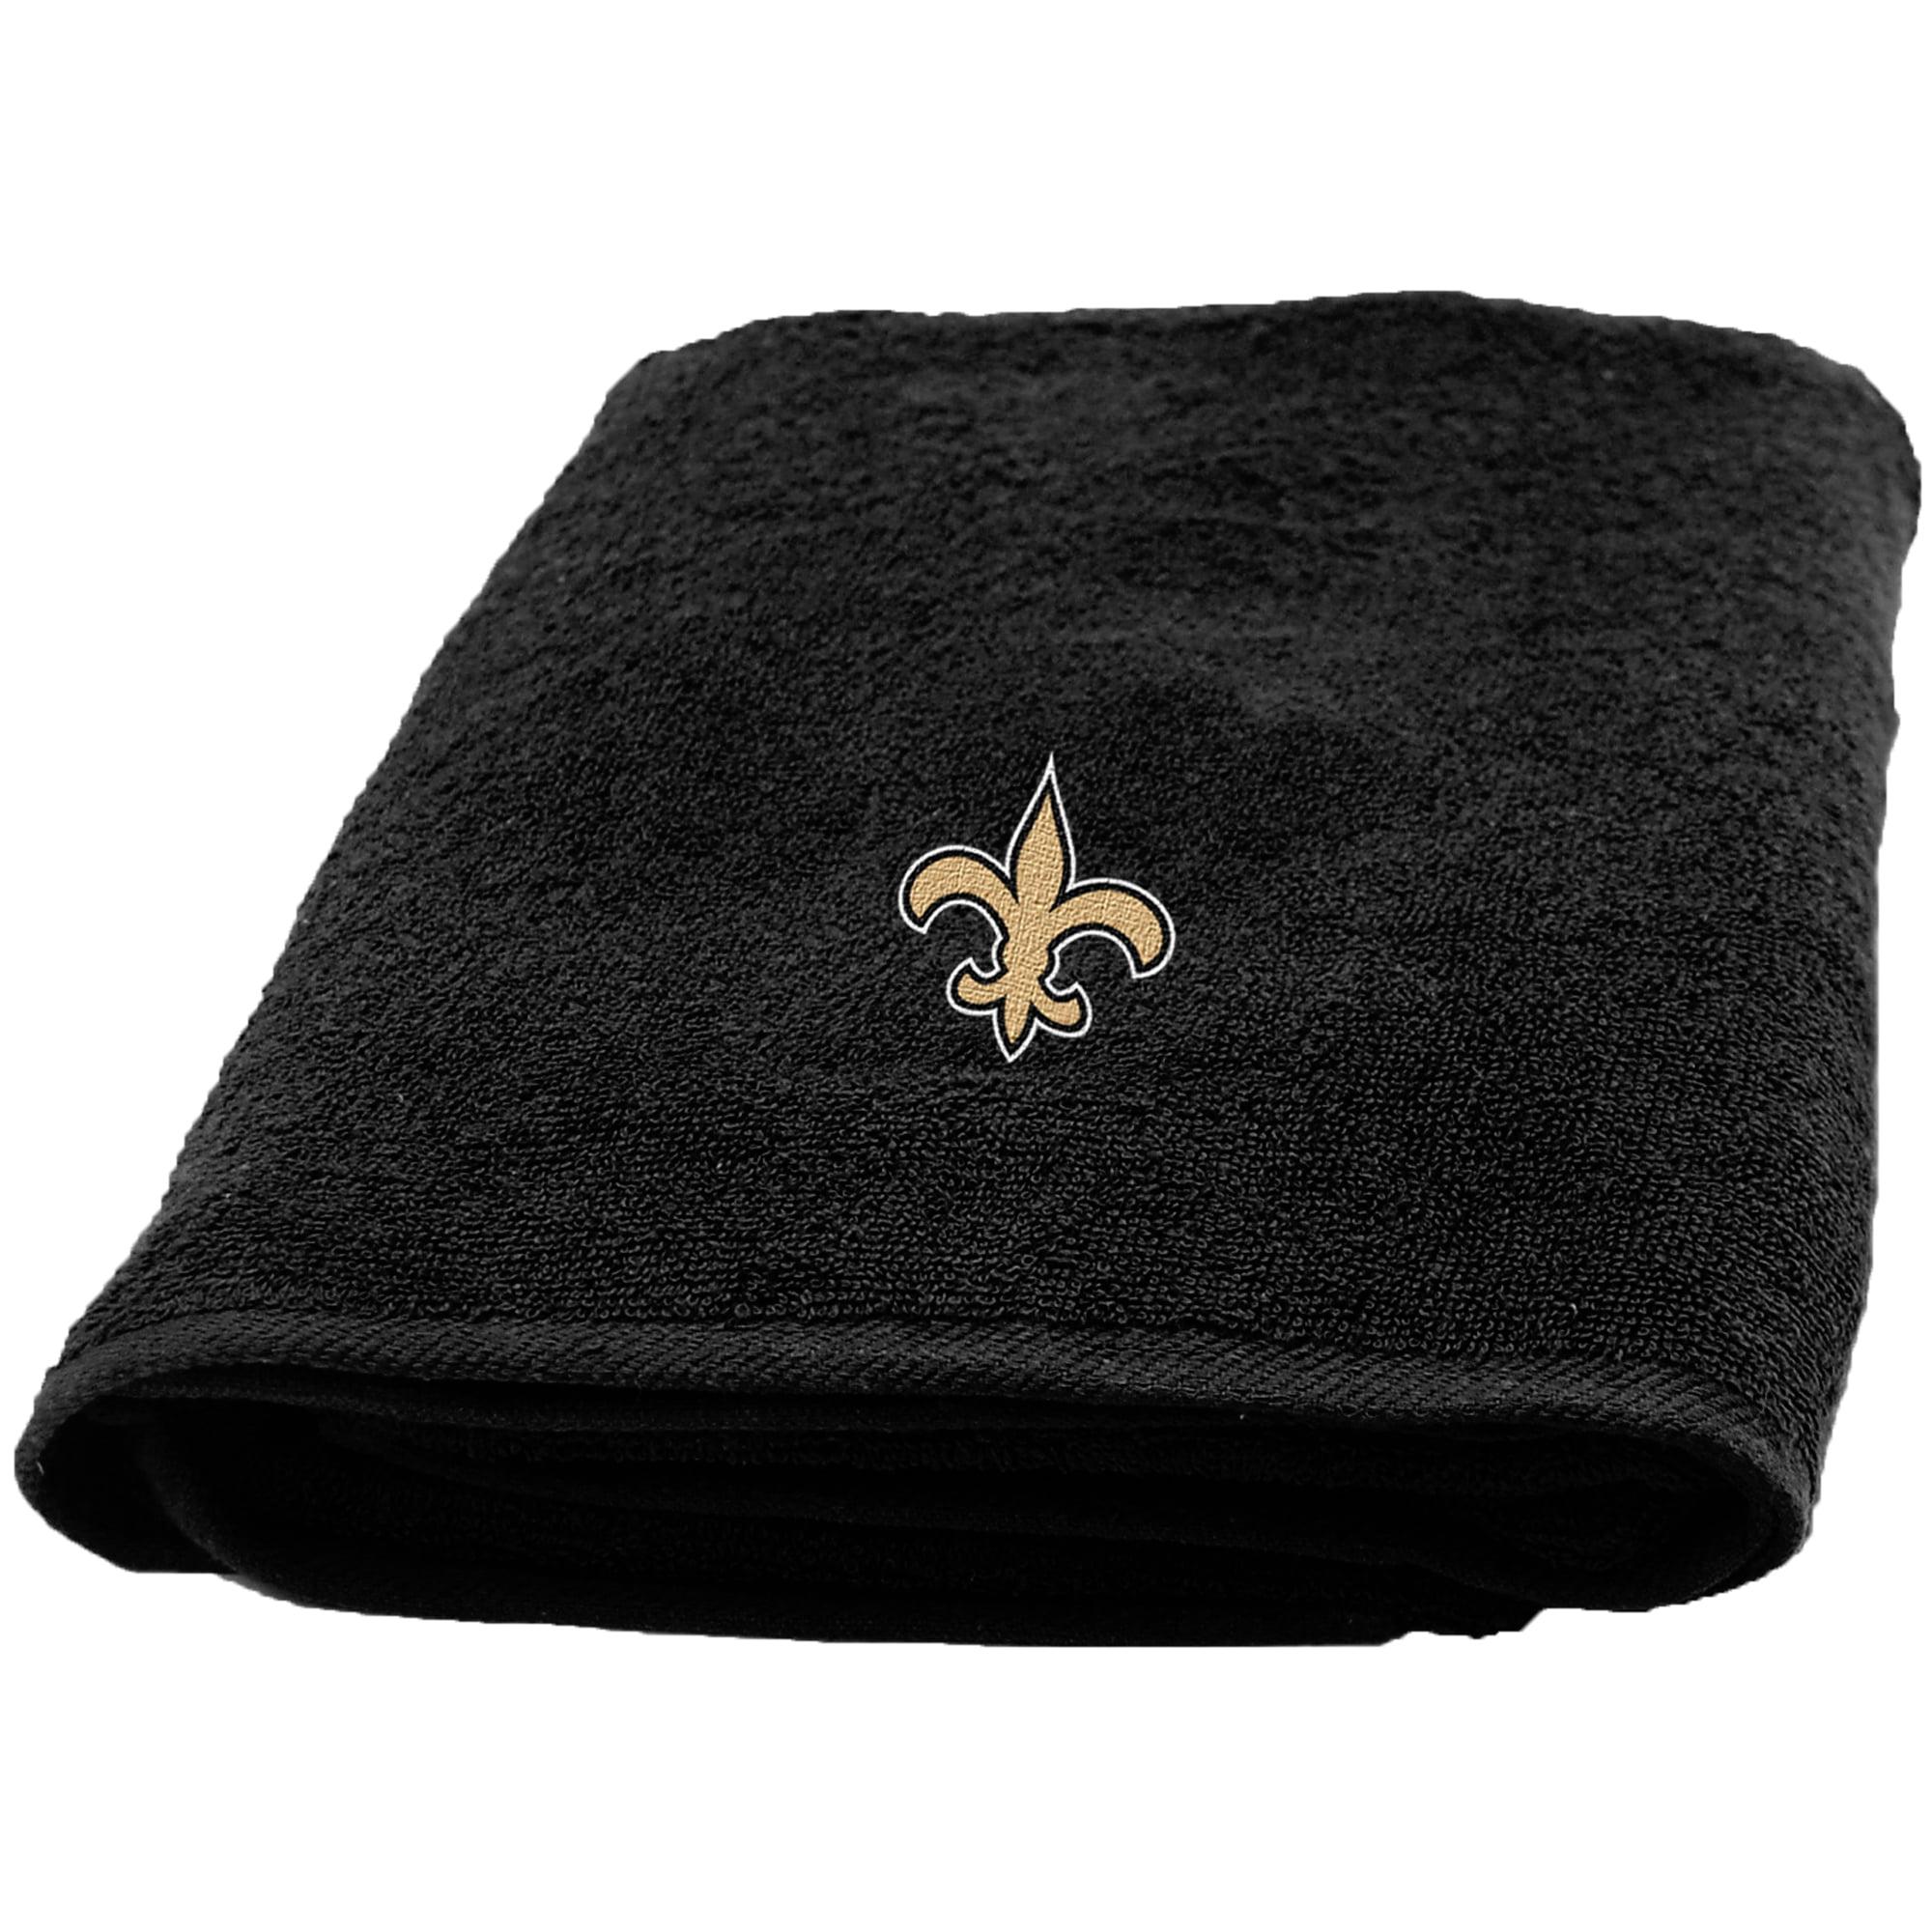 New Orleans Saints The Northwest Company 25'' x 50'' Applique Bath Towel - No Size